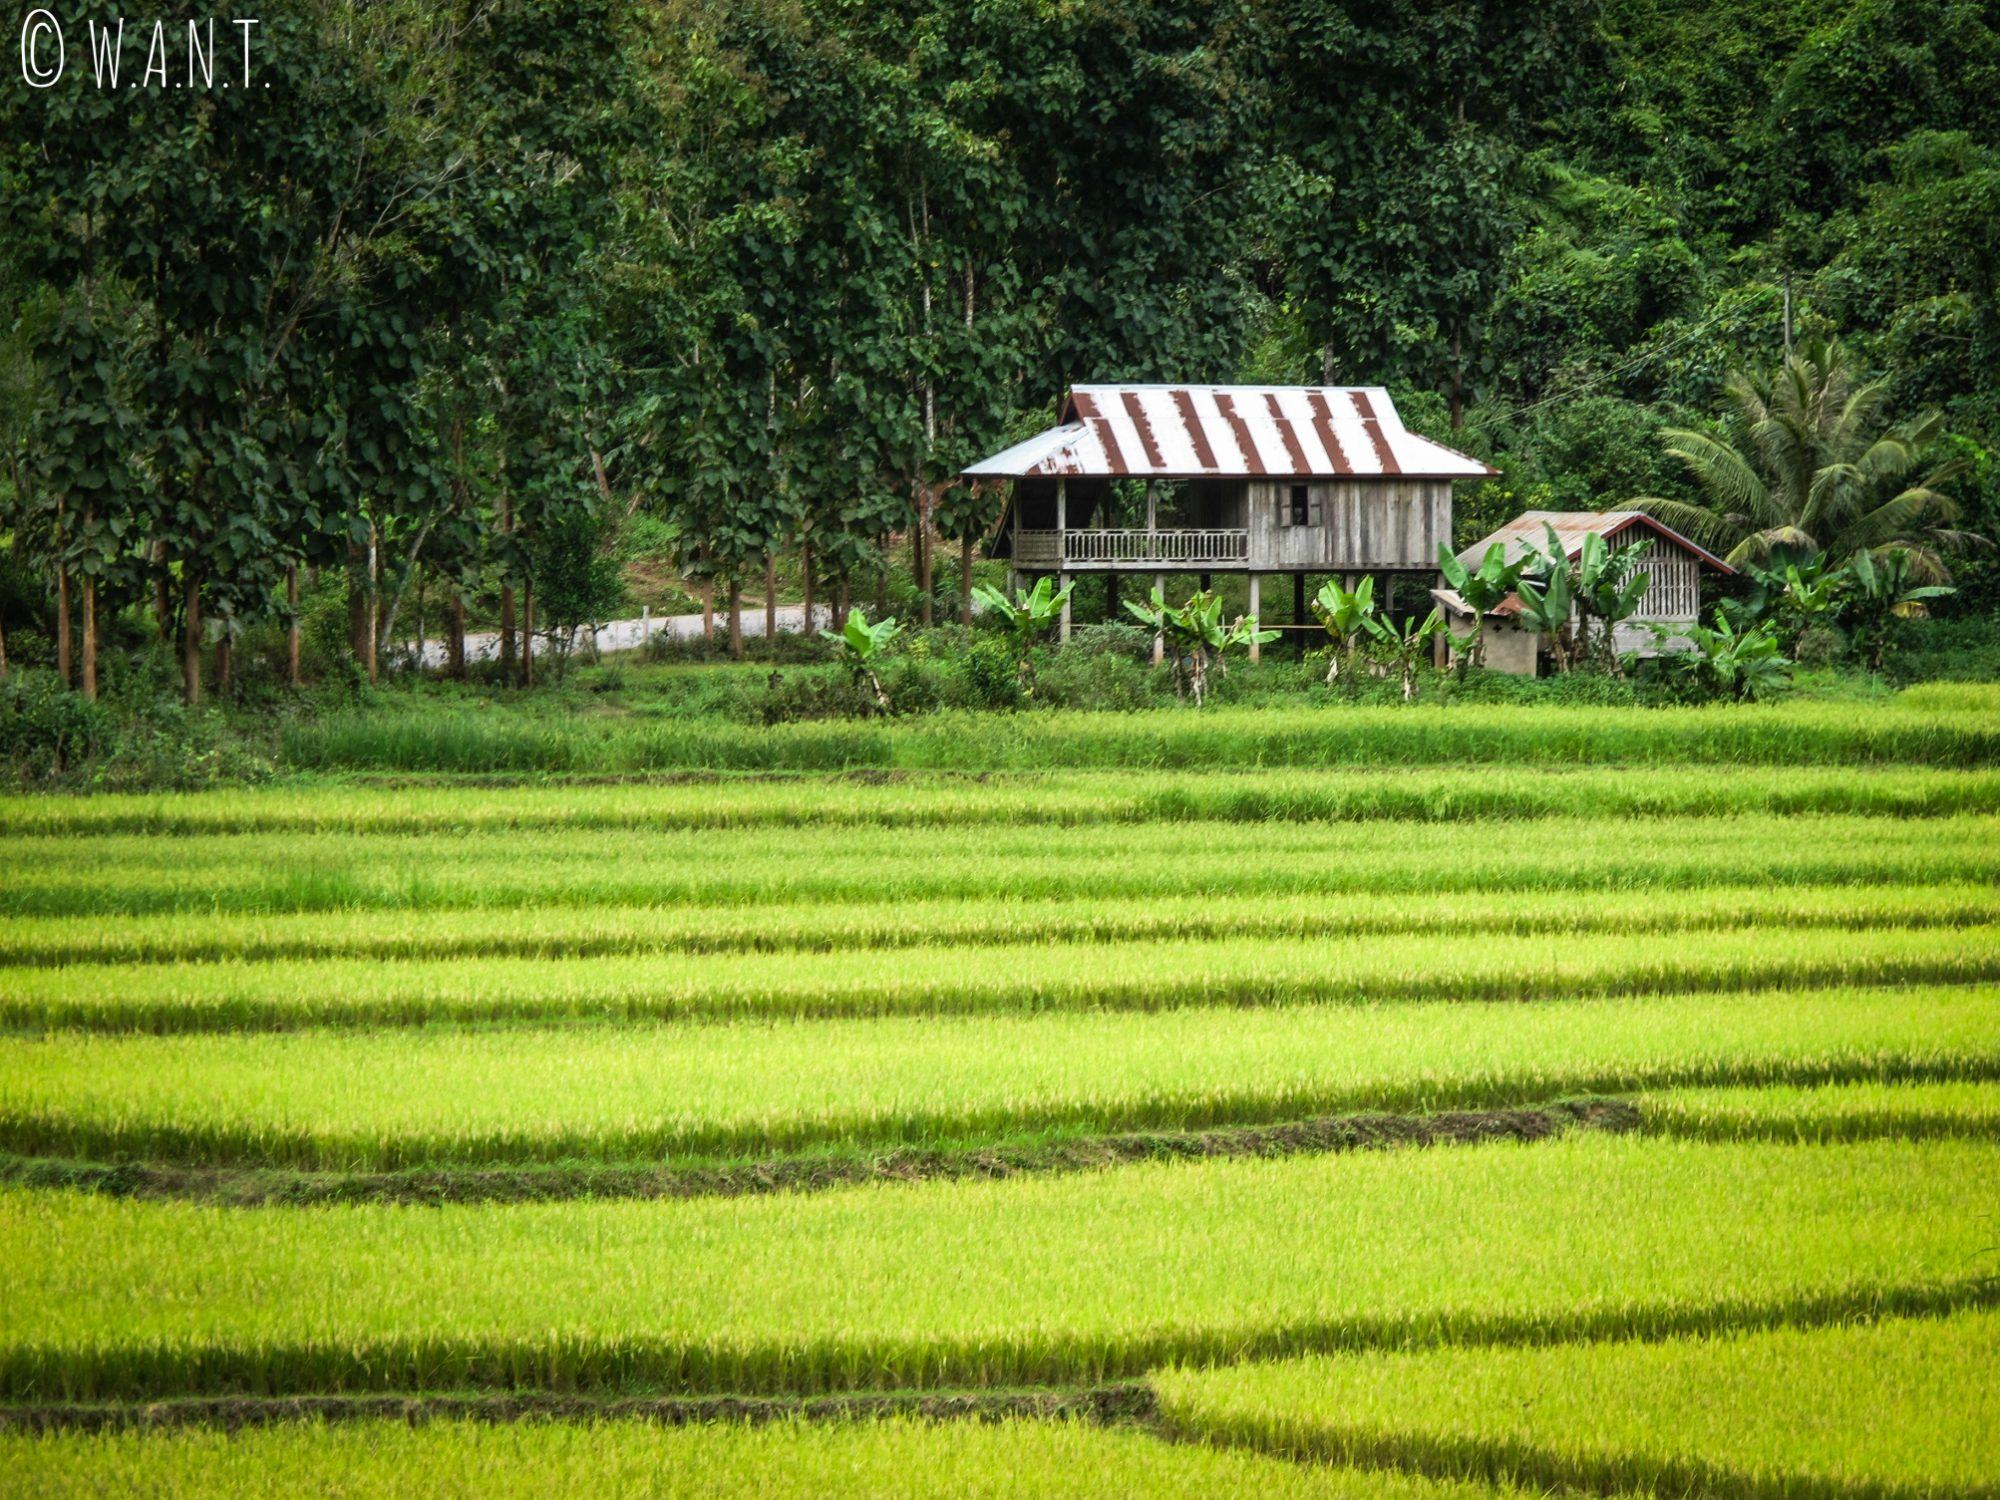 Maison sur pilotis au milieu des rizières près de Luang Namtha